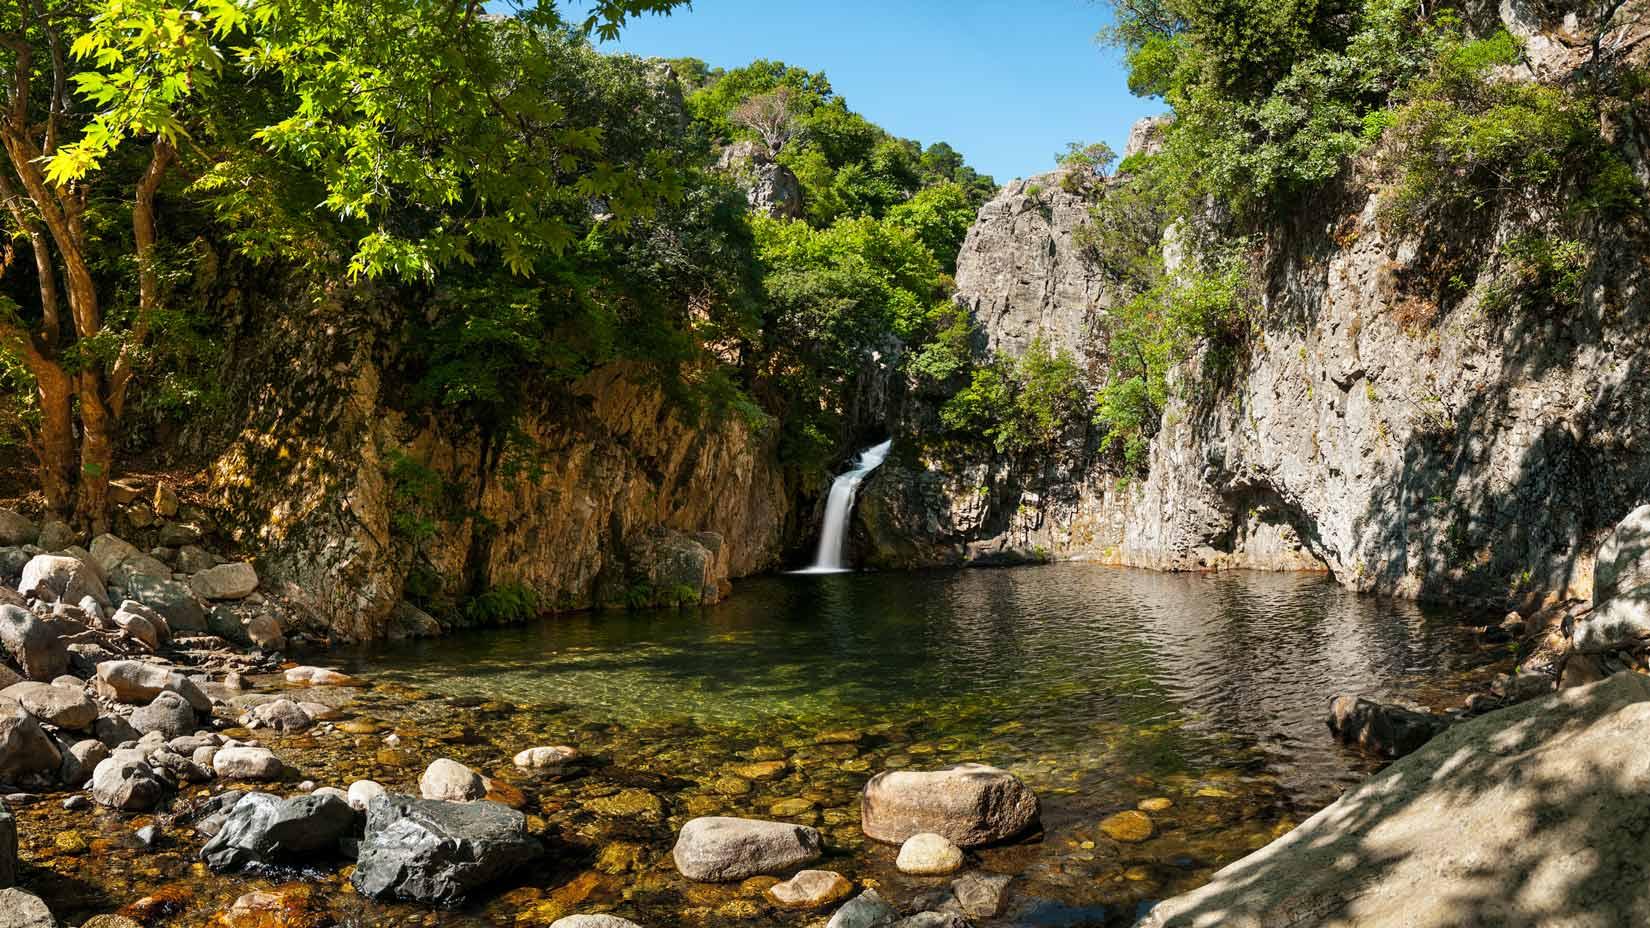 Rajský vodopád Gerania s romantickým jezírkem. Zaplavejte si až k vodopádu!